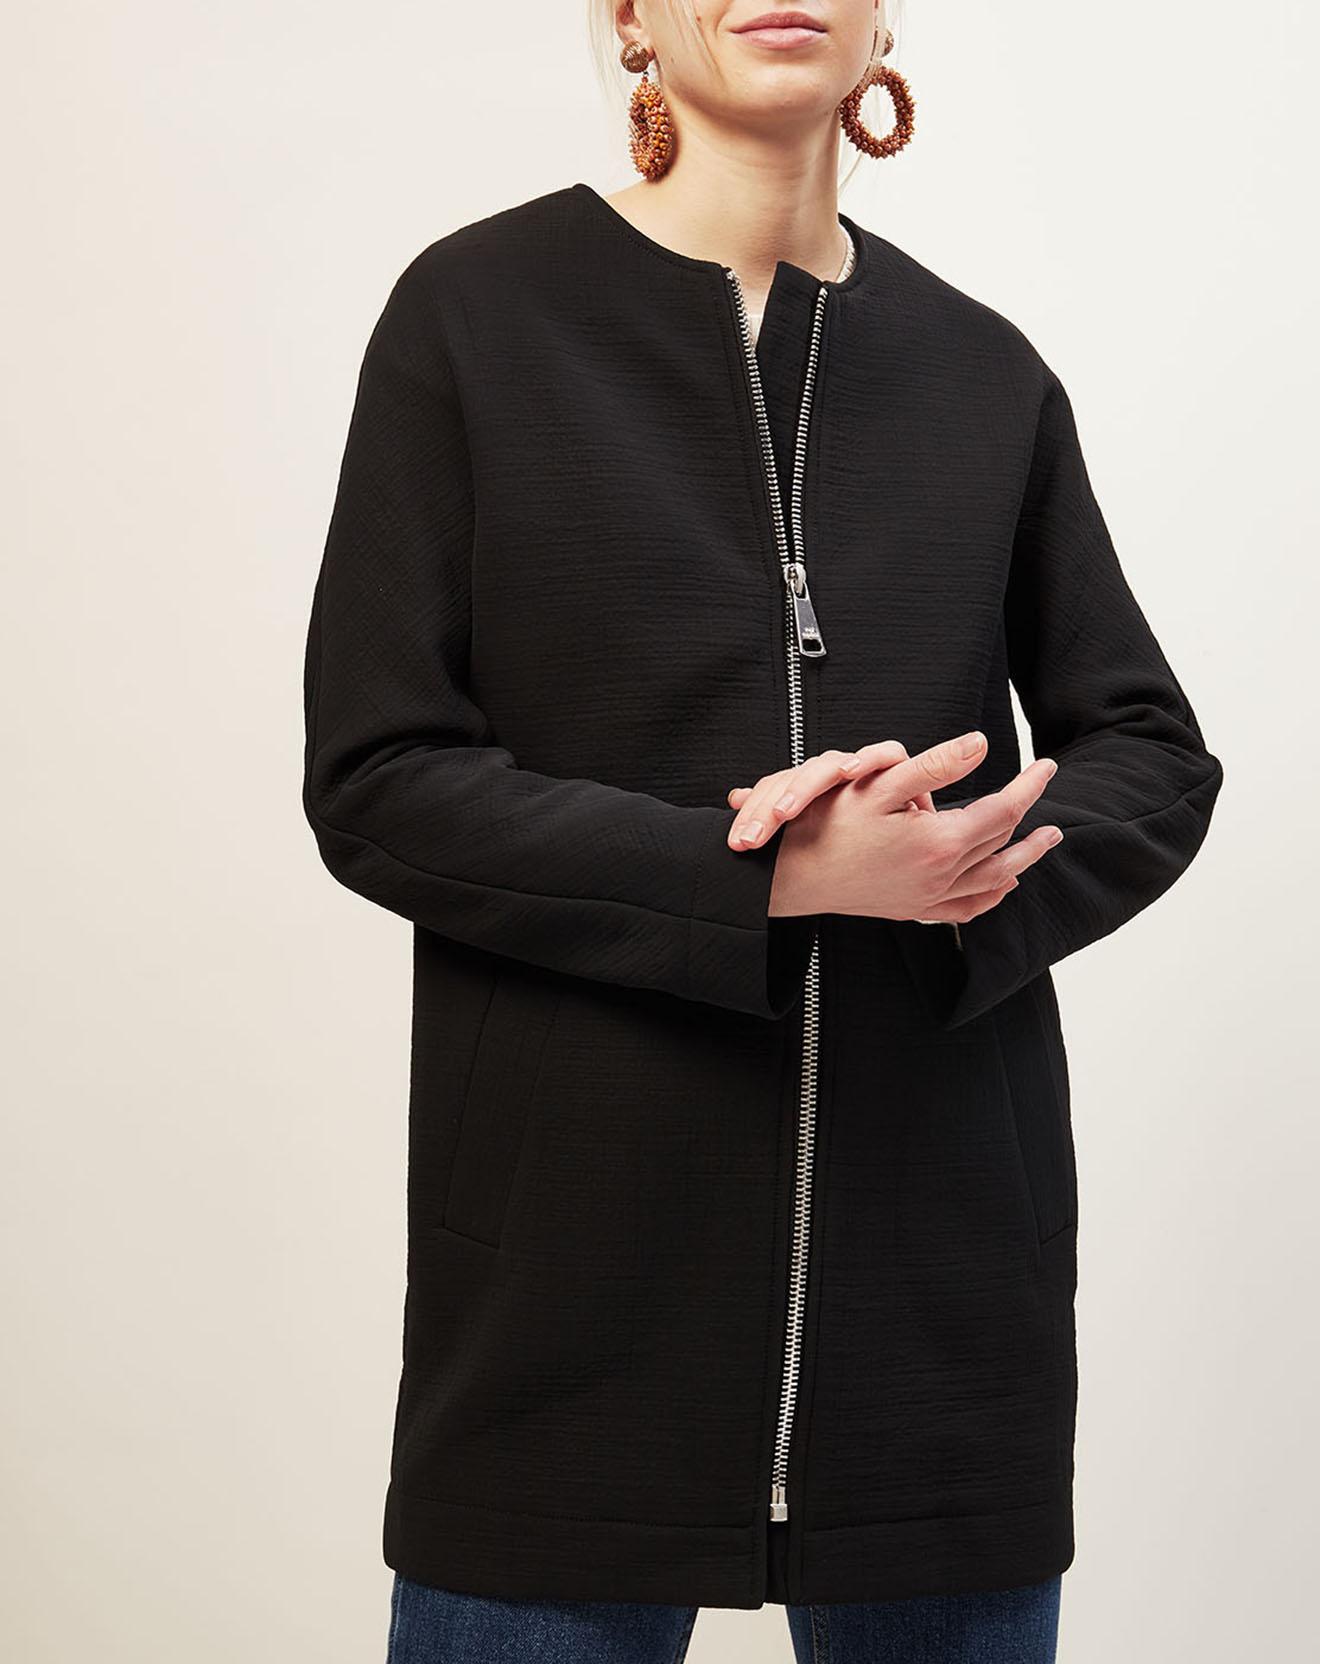 Manteau léger en Coton Asio mélangé noir - Cop Copine - Modalova